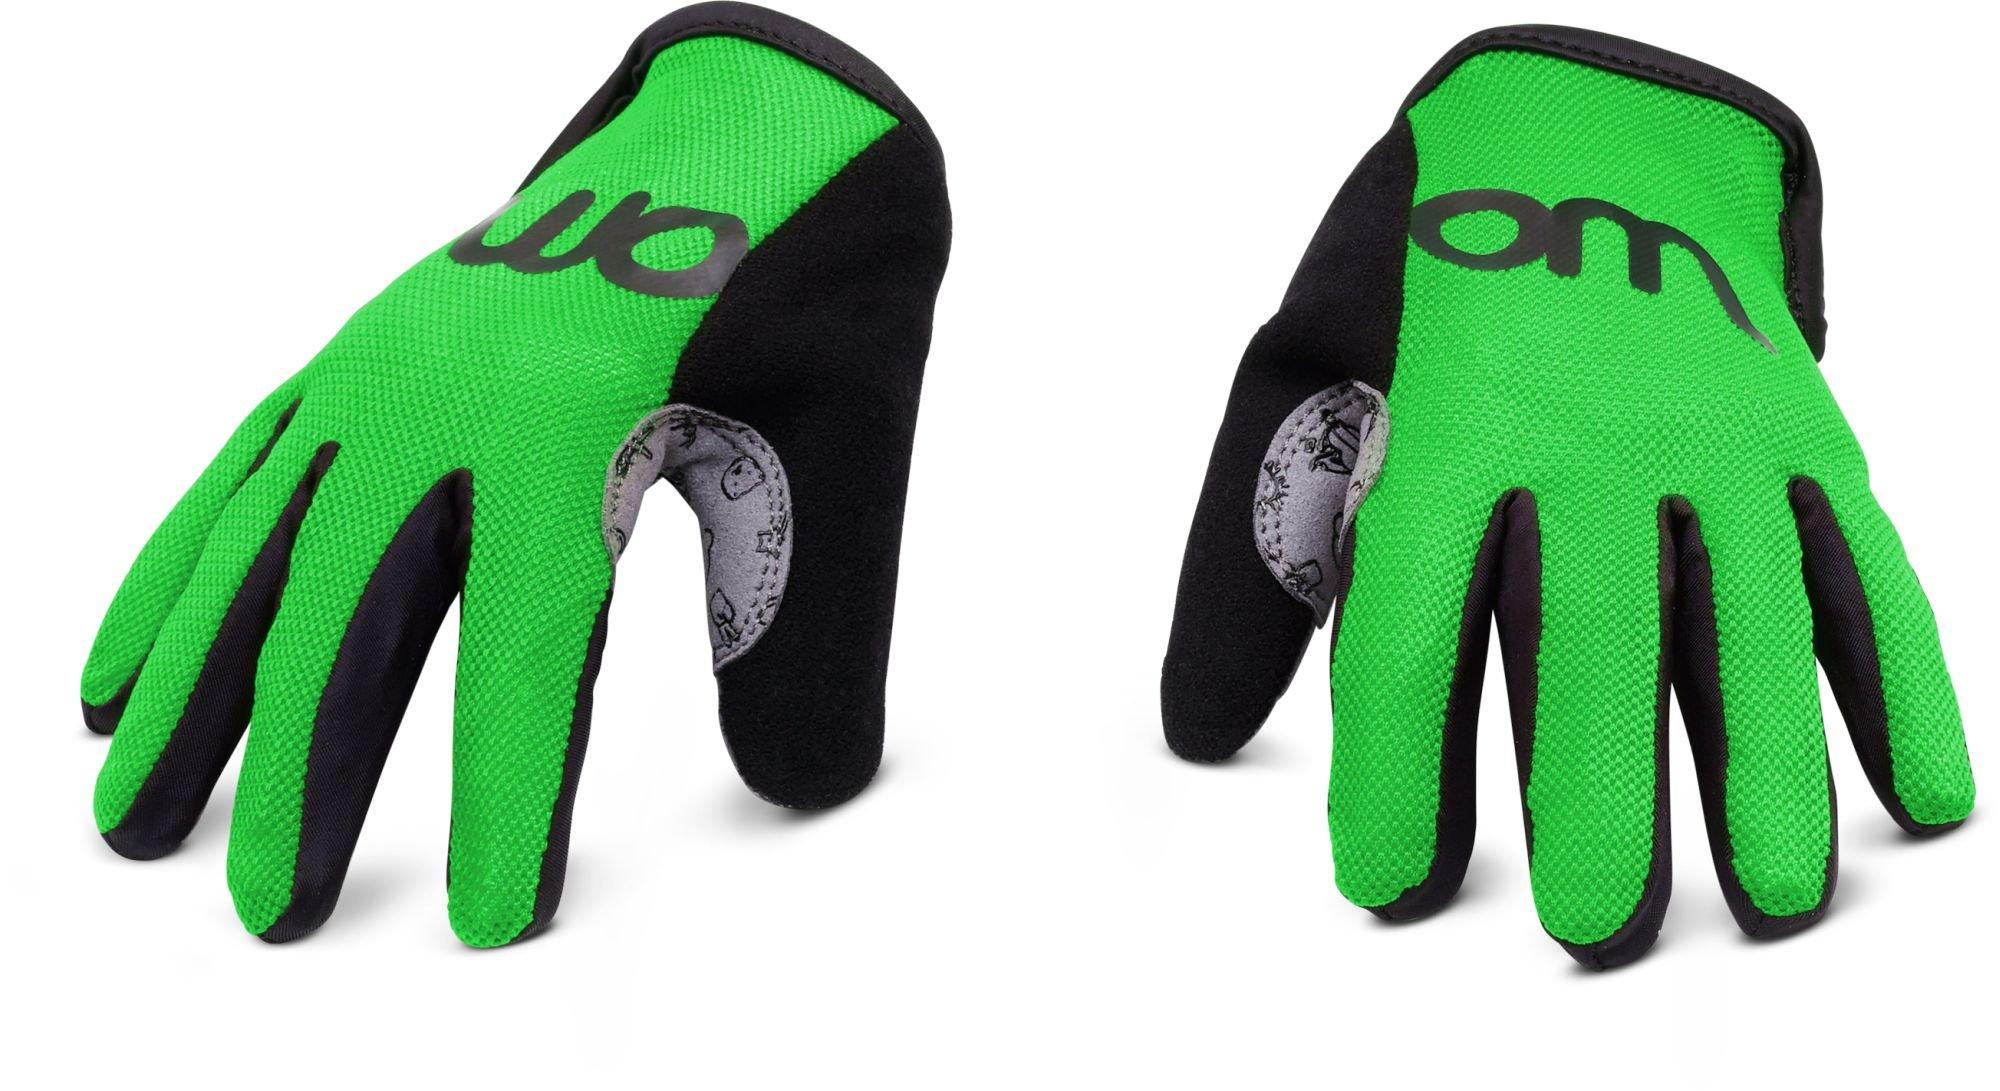 handschuhe sommer/Handschuhe: WOOM  Radhandschuhe TENS 5